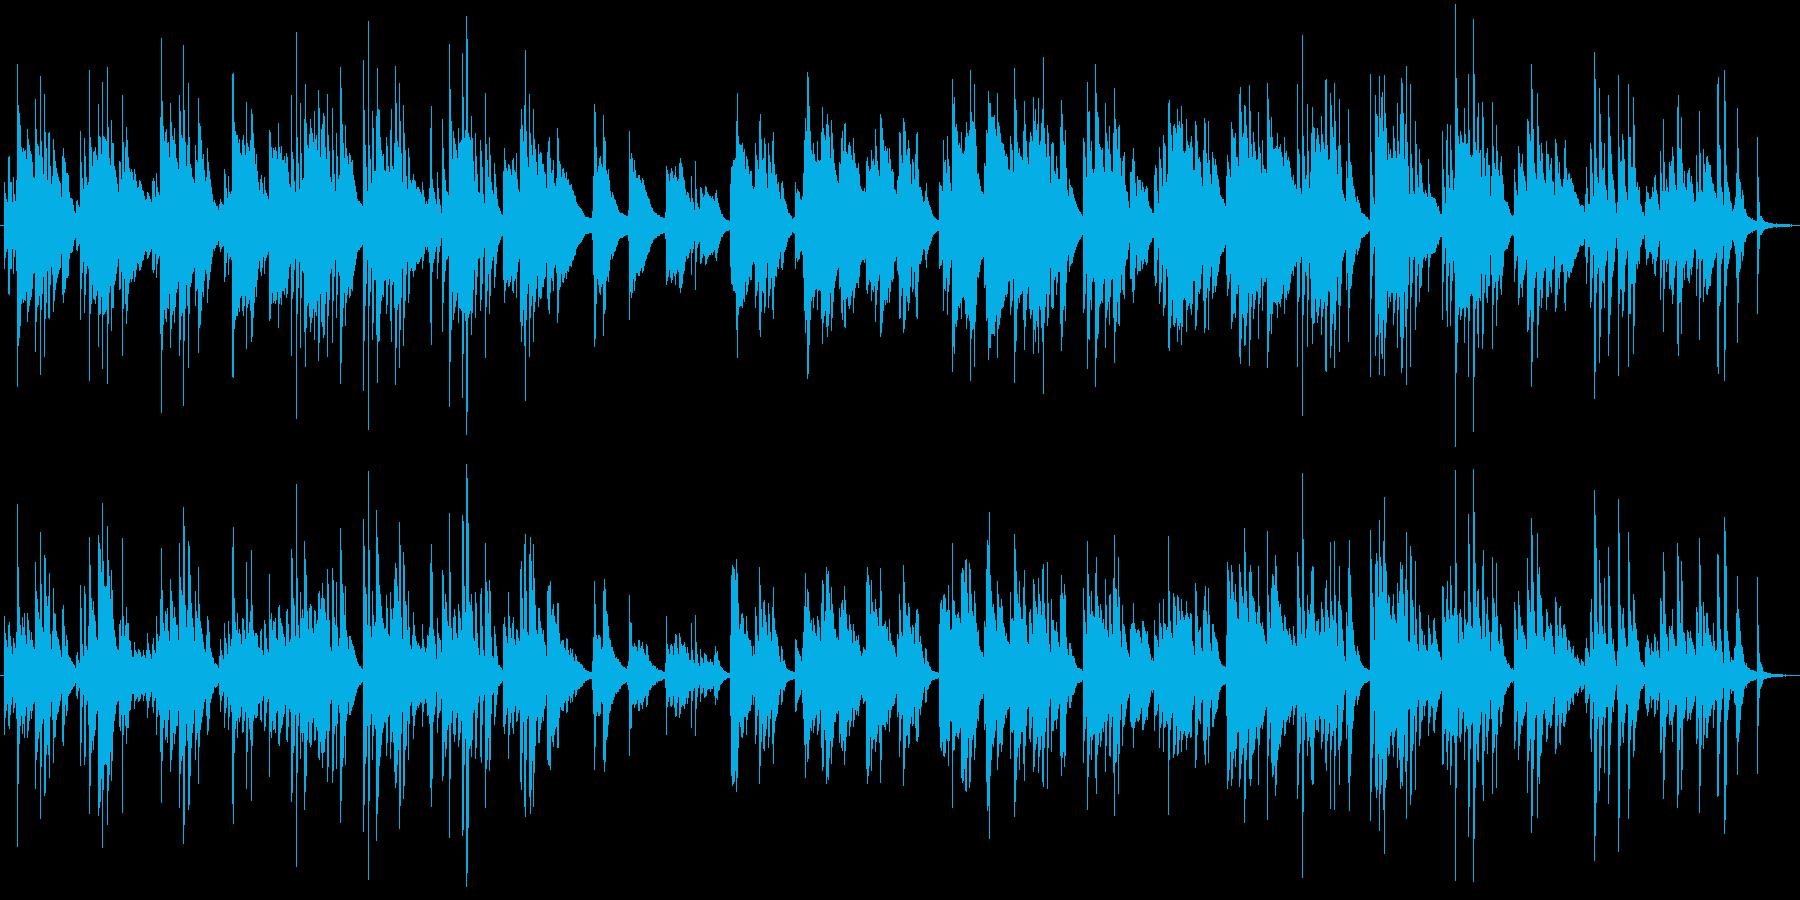 ピアノソロ ダニーボーイ 童謡 癒し系の再生済みの波形